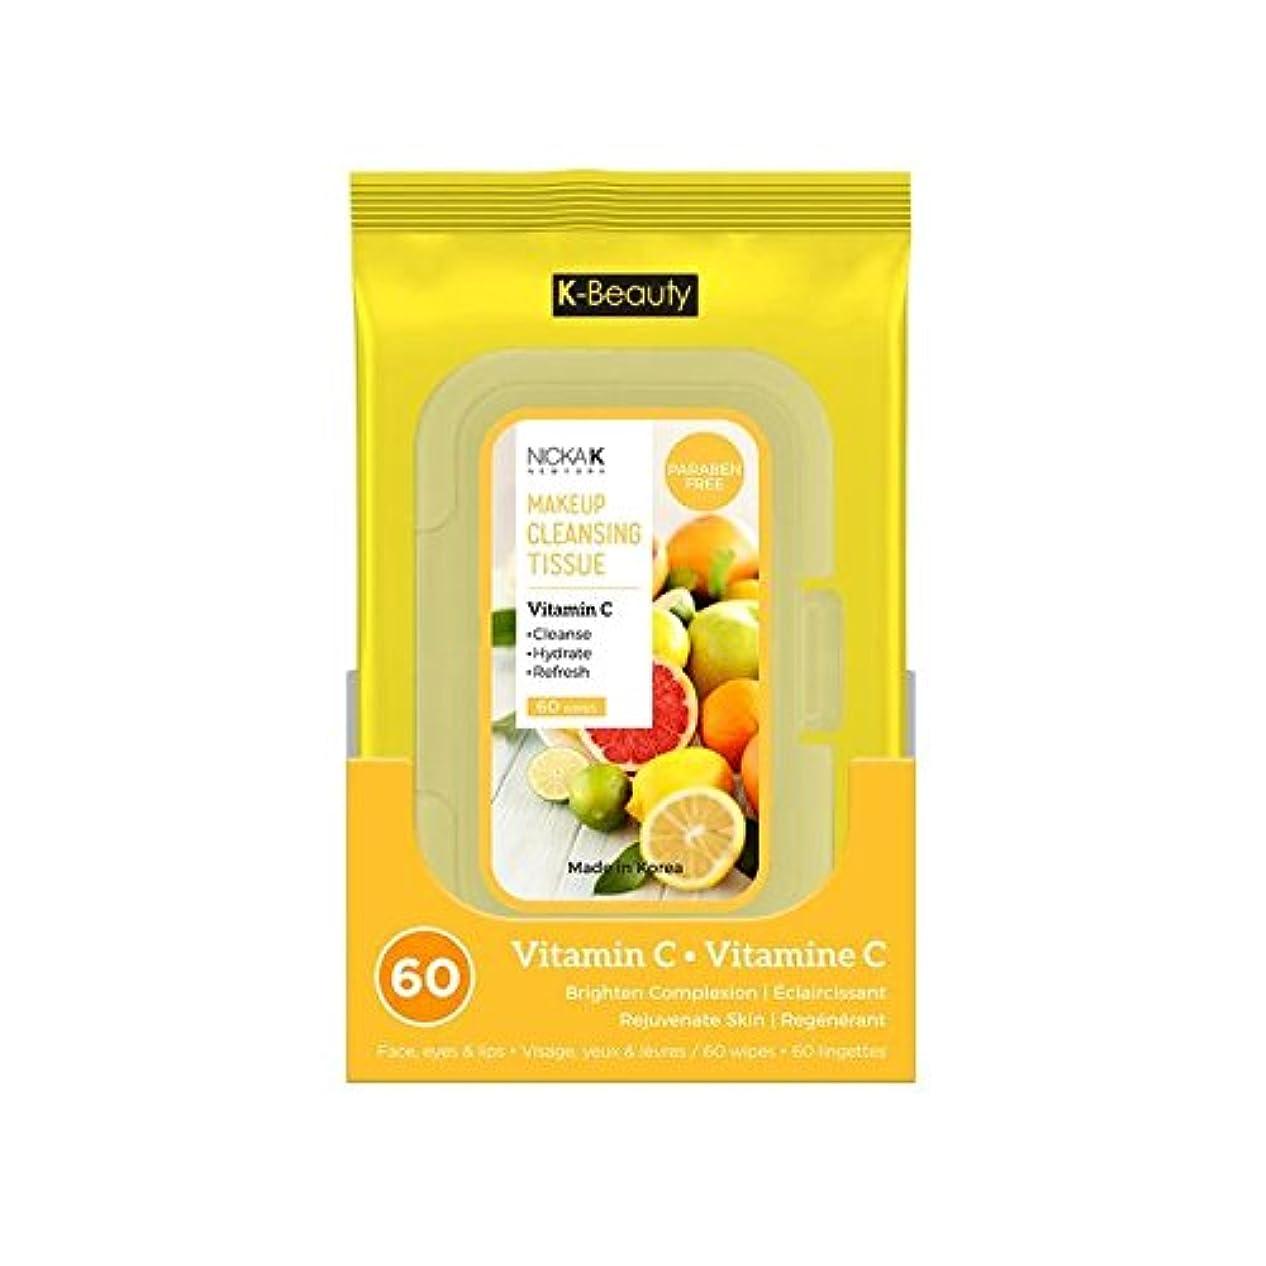 勝利したかわすエキスパート(6 Pack) NICKA K Make Up Cleansing Tissue - Vitamin C (並行輸入品)